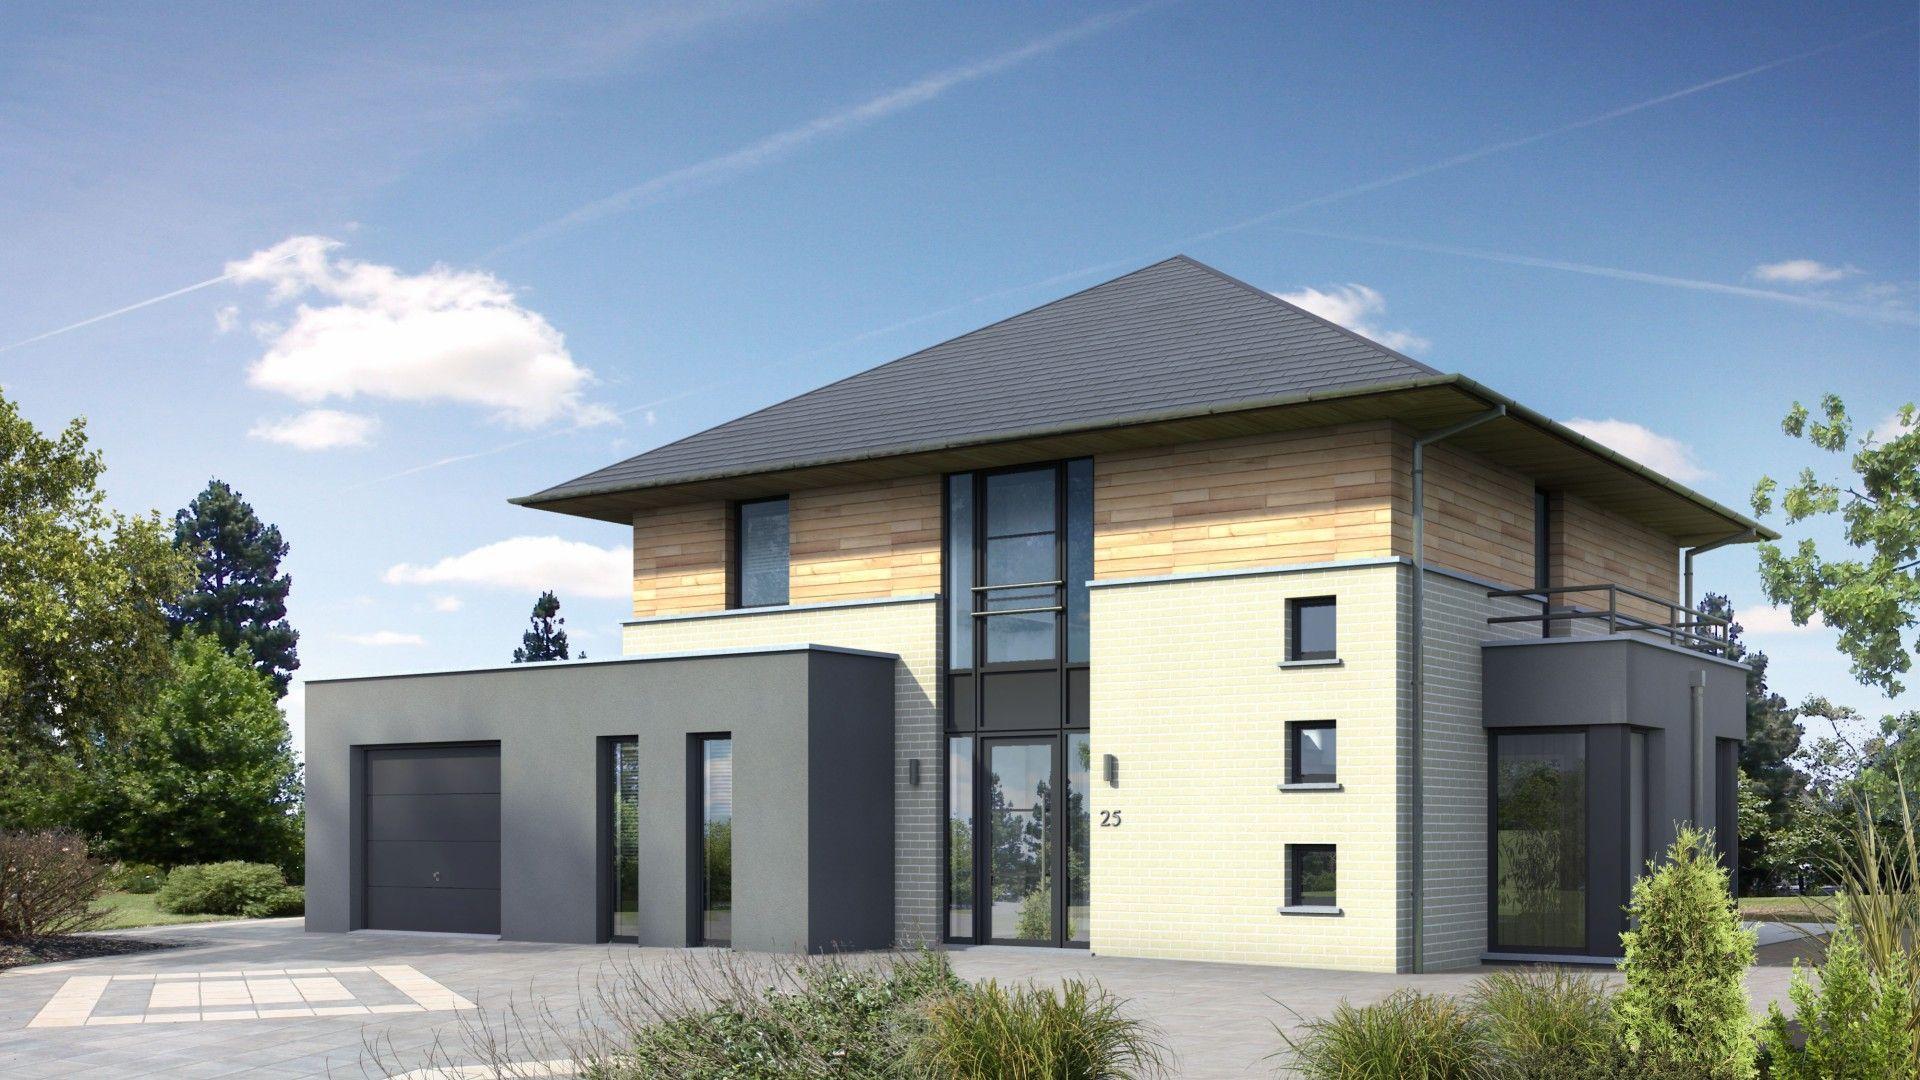 Constructeur maison moderne nord pas calais ventana blog for Maison du nord